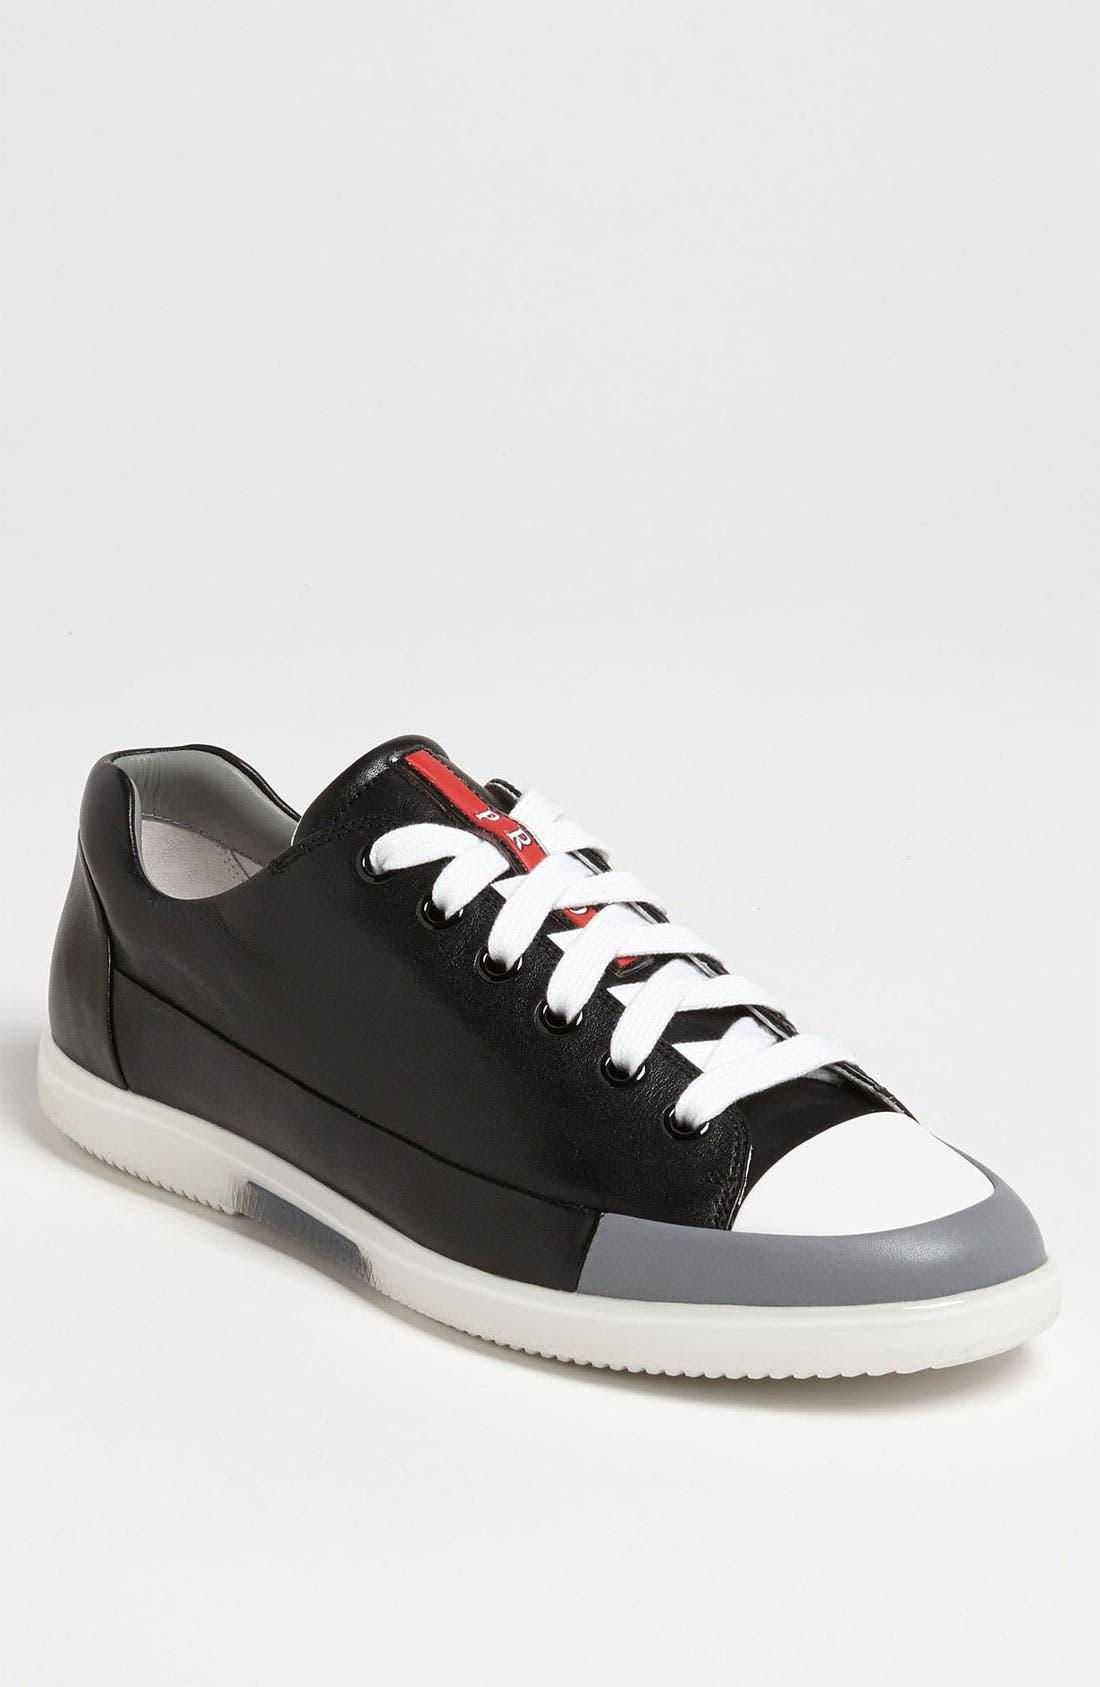 Alternate Image 1 Selected - Prada Low Profile Sneaker